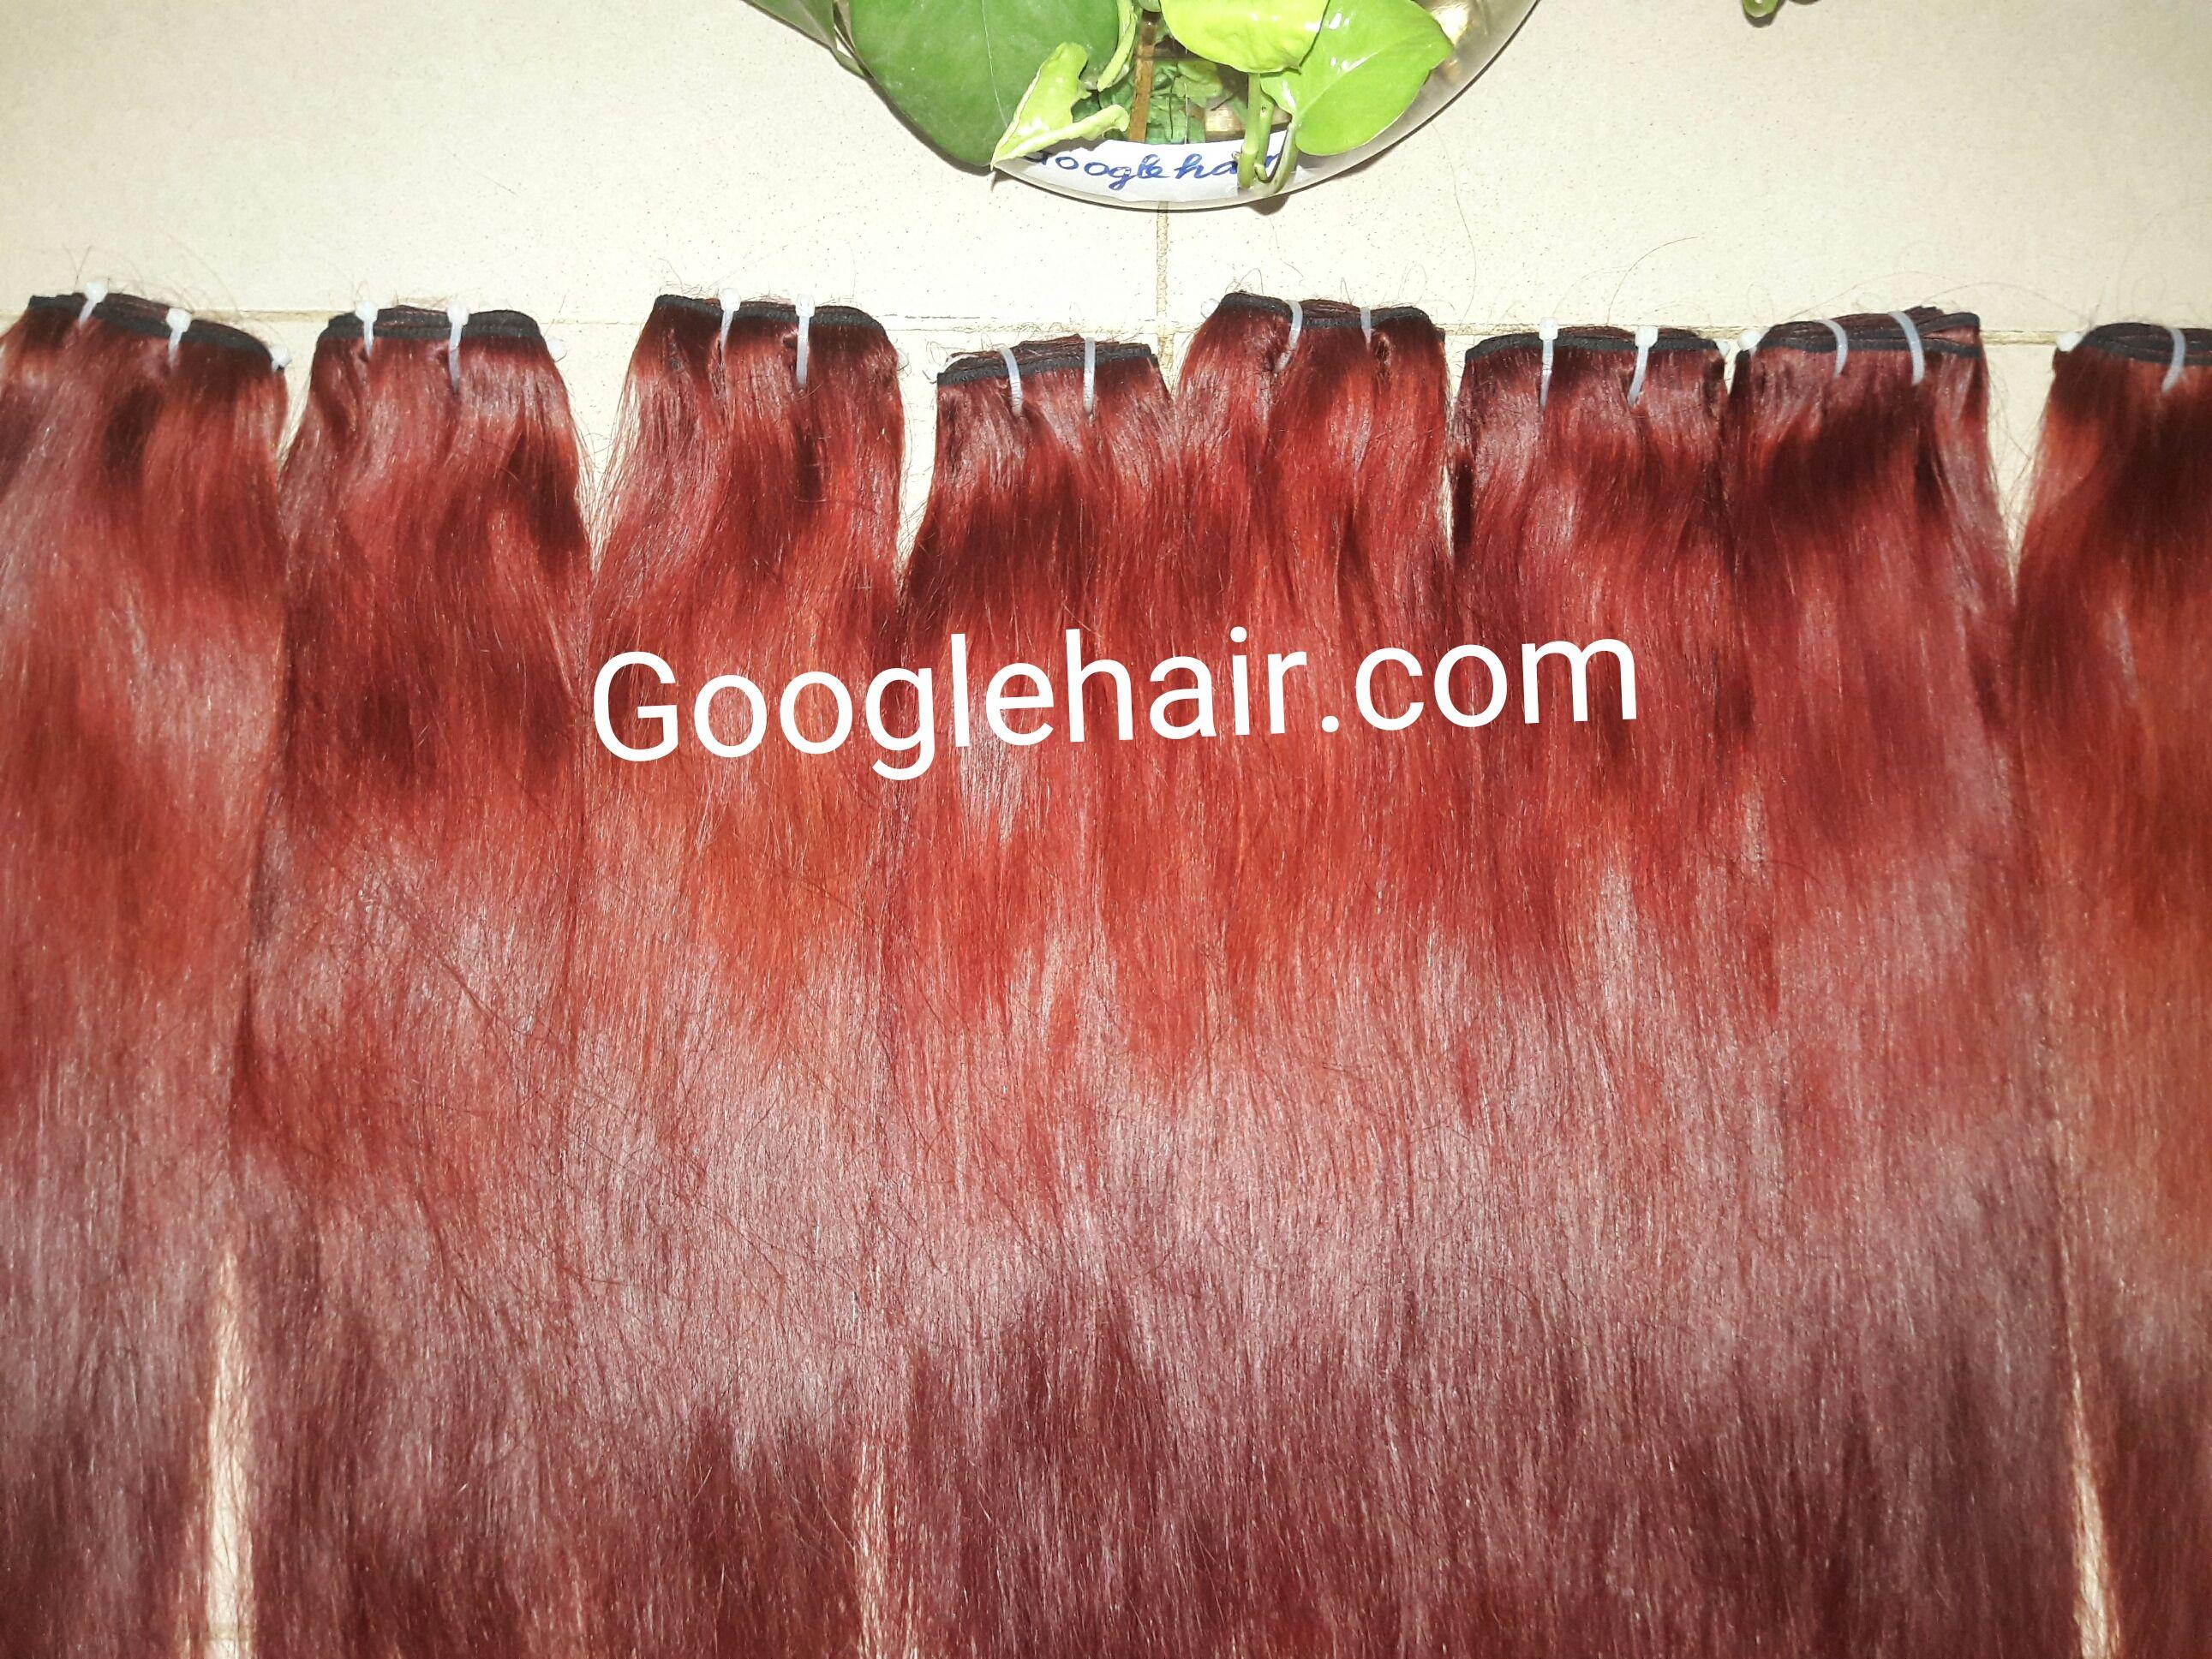 RED HAIR-100% REAL hair high quality-Googlehair